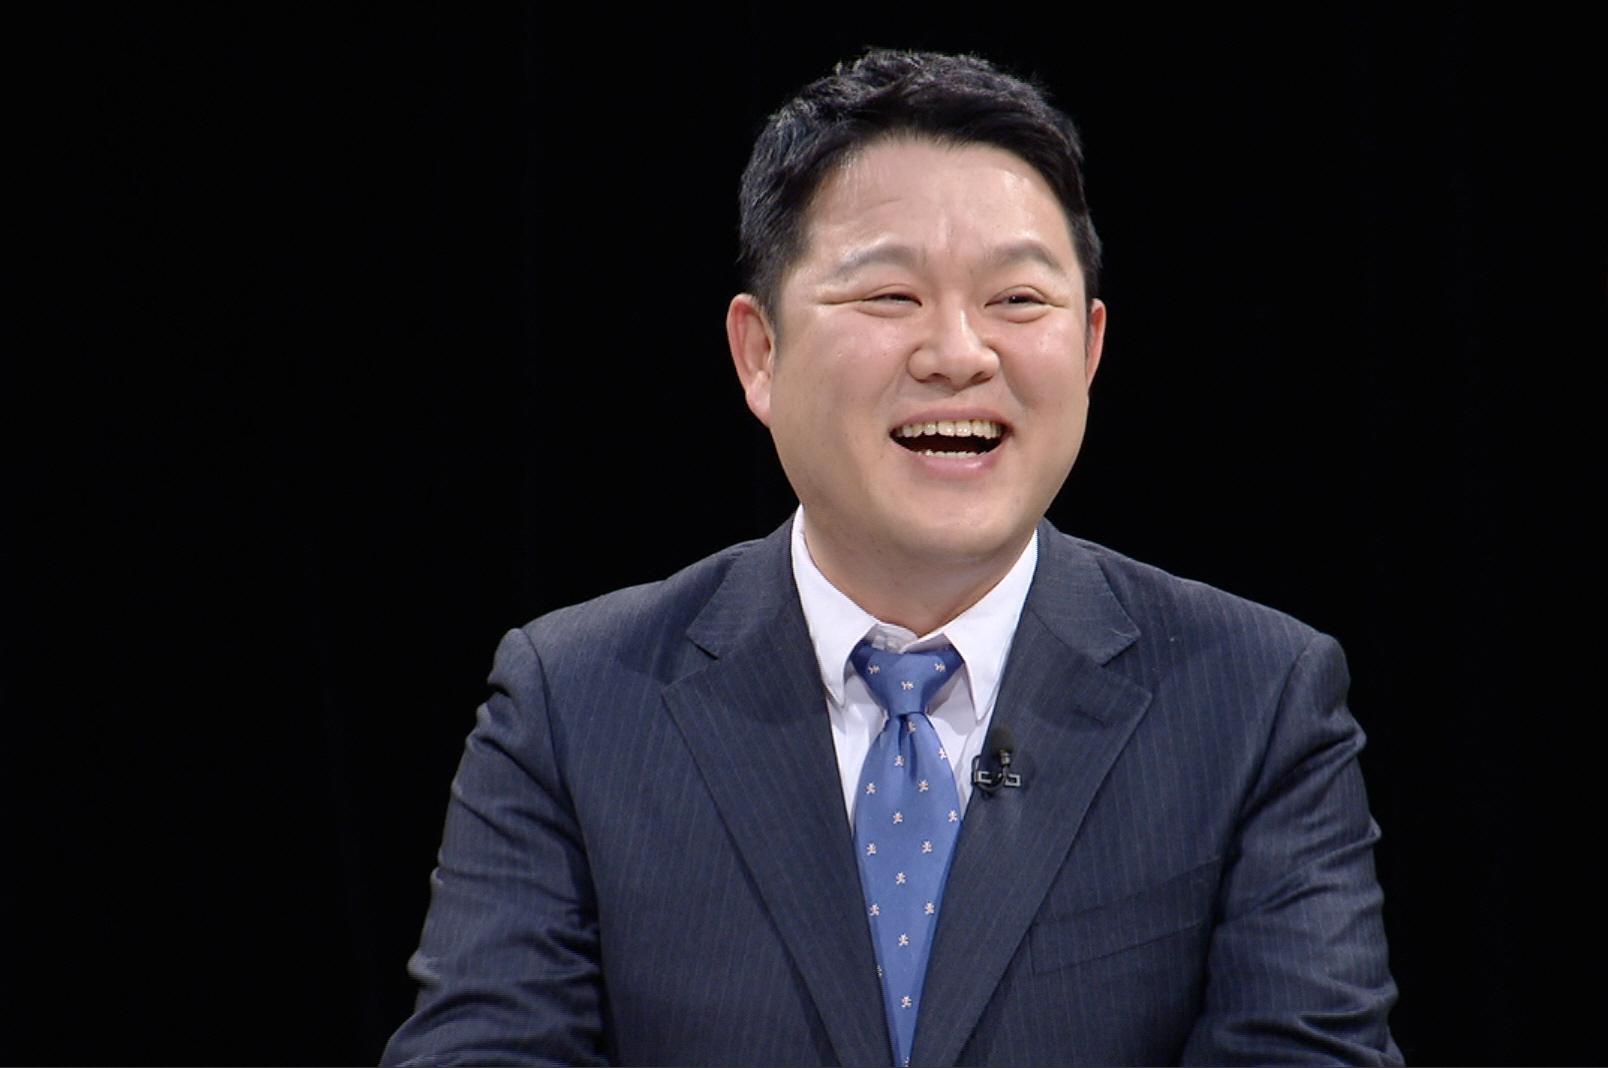 김구라를 좋아하는 이유 - 김구라의 <썰전>, 이덕...